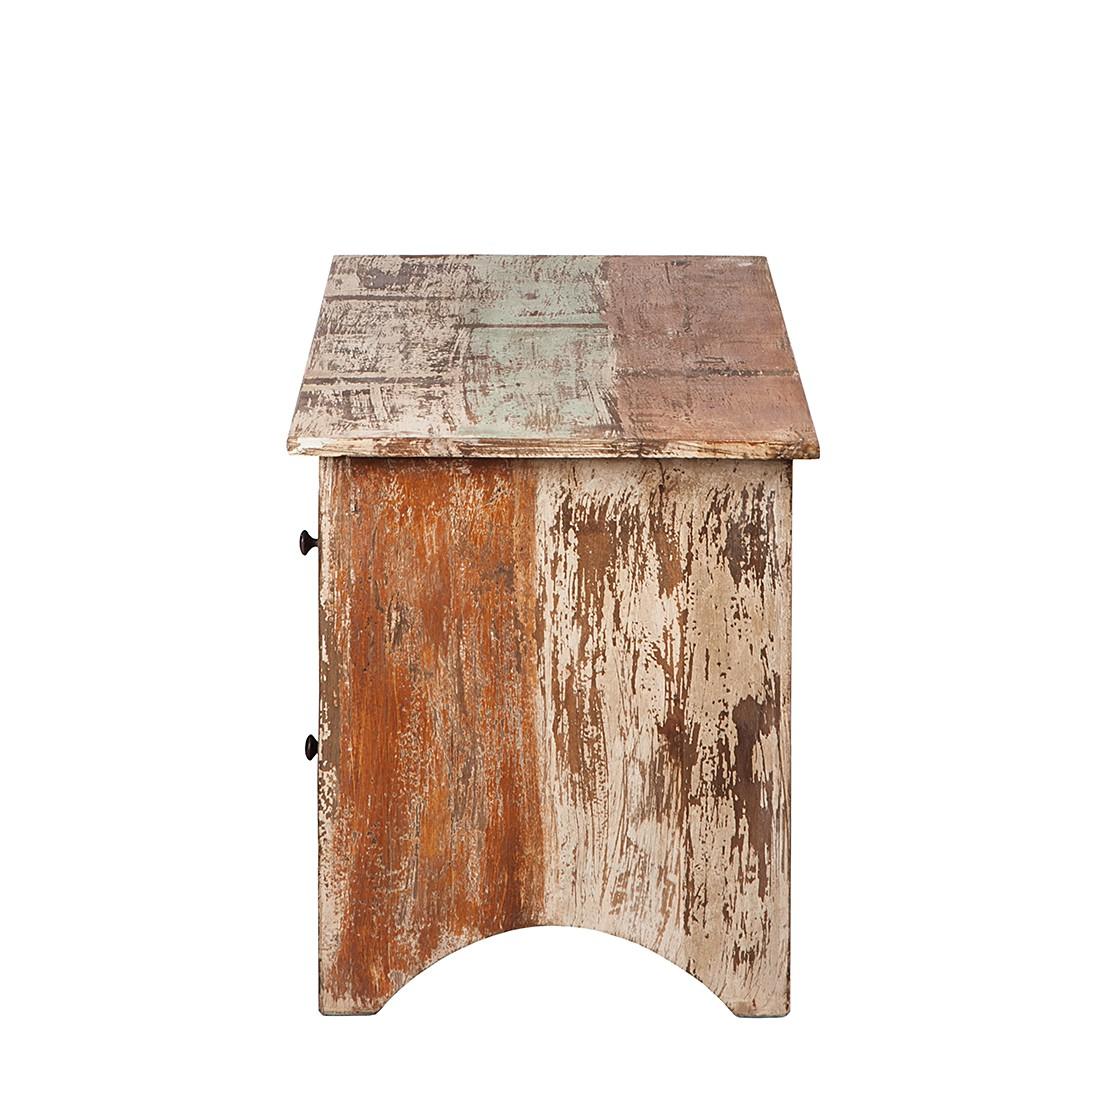 Lowboard von ars manufacti bei Home24 kaufen   home24